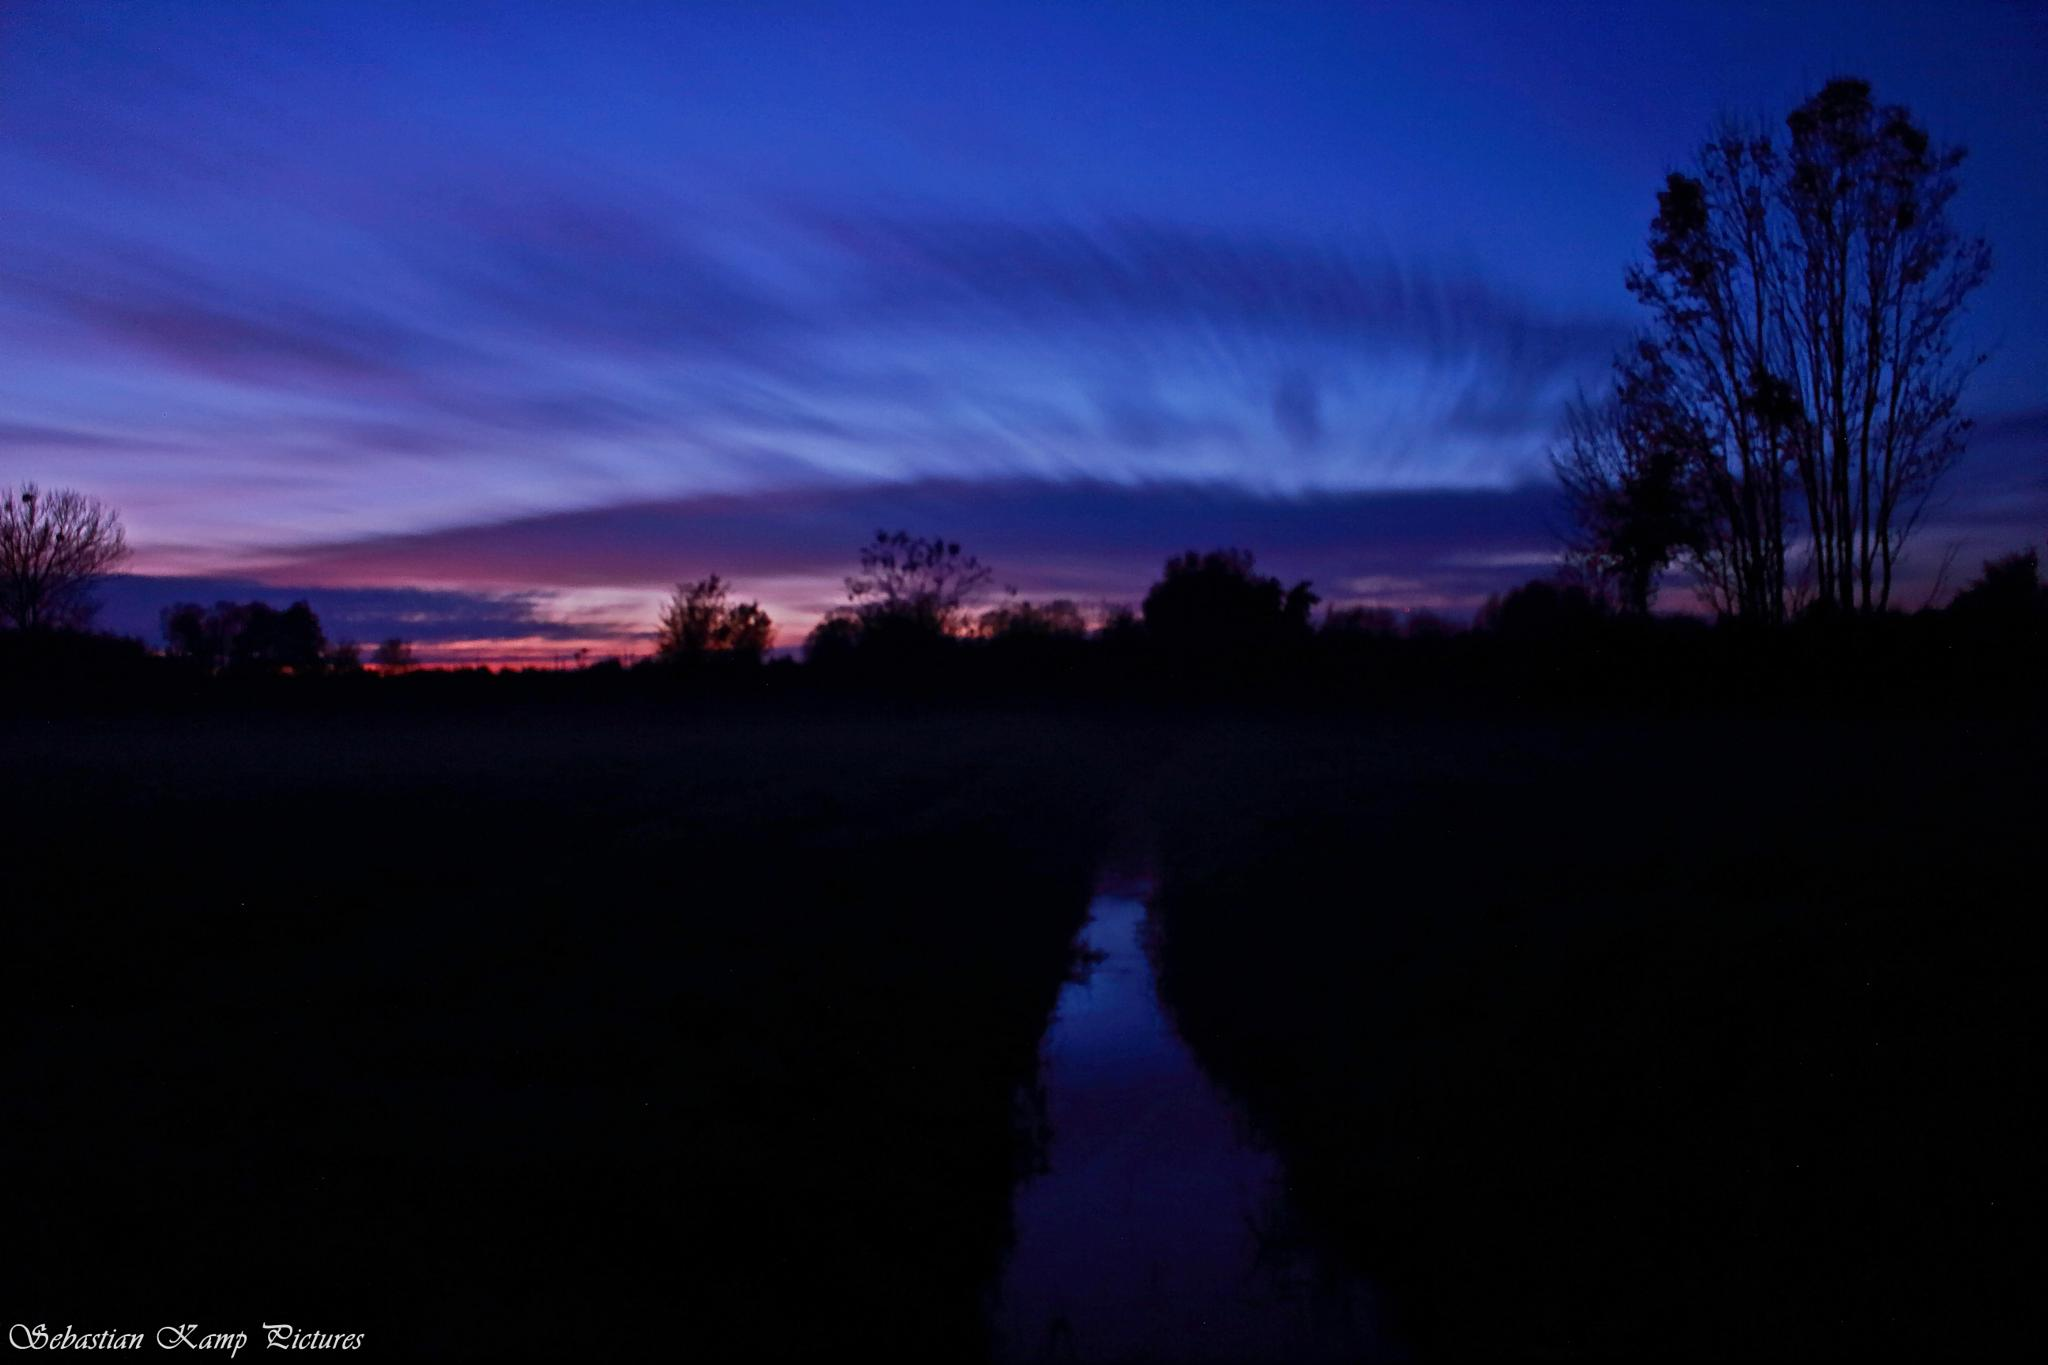 Sunset on 30/10/2014 by Sebastian Kamp